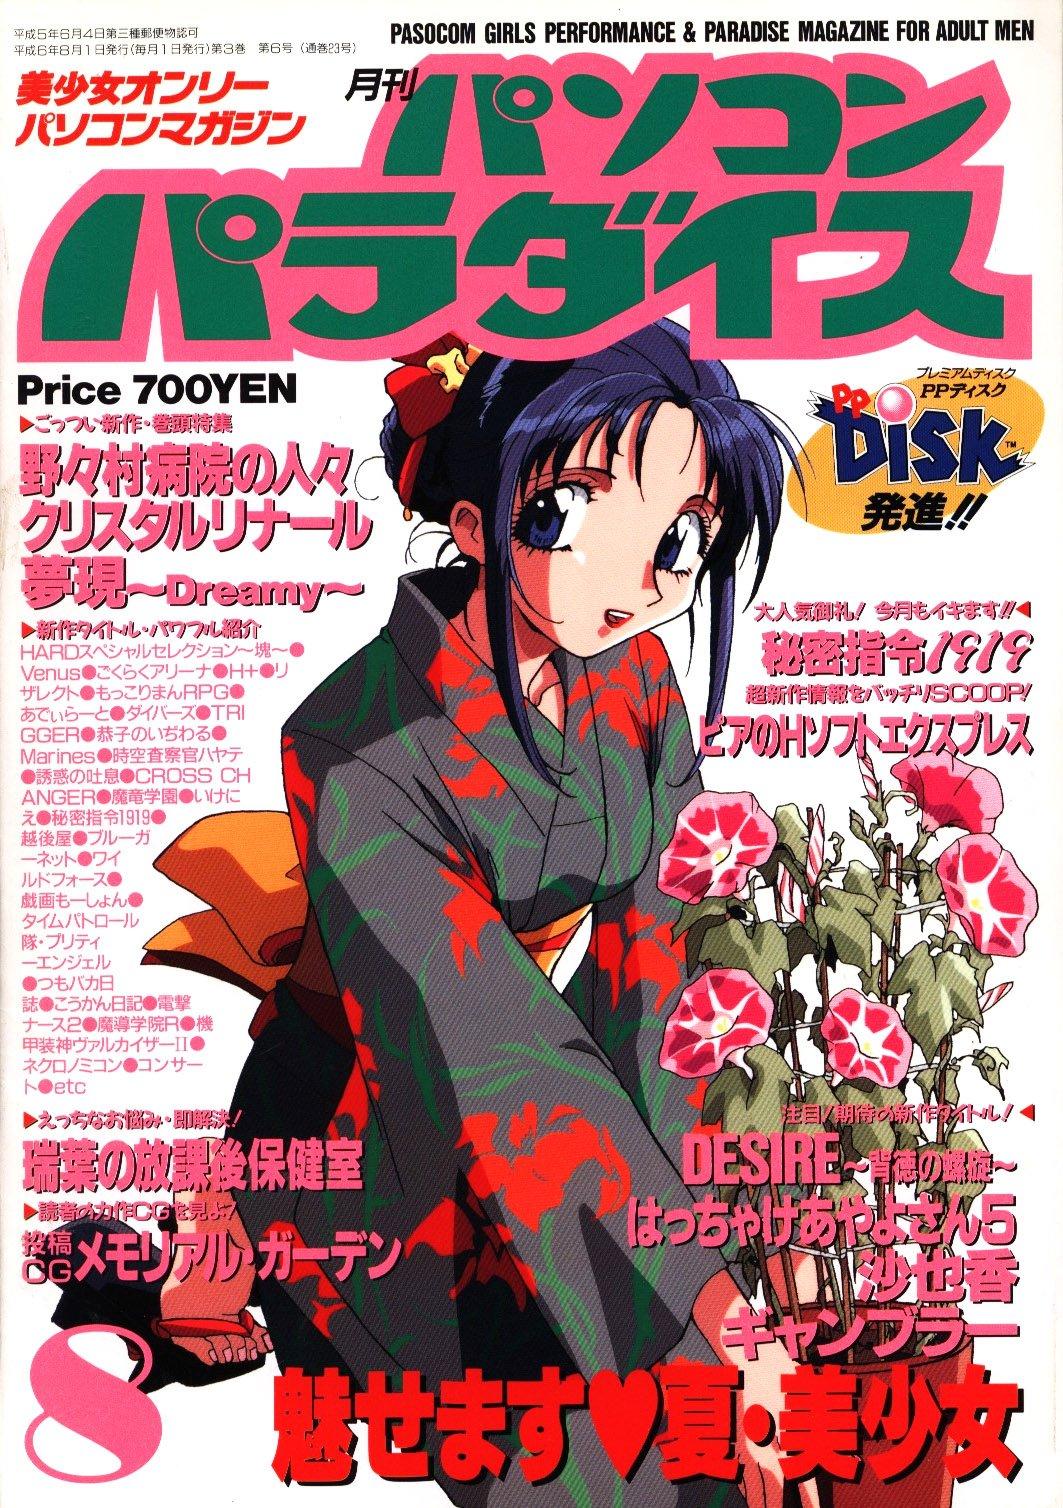 Pasocom Paradise Vol.027 (August 1994)